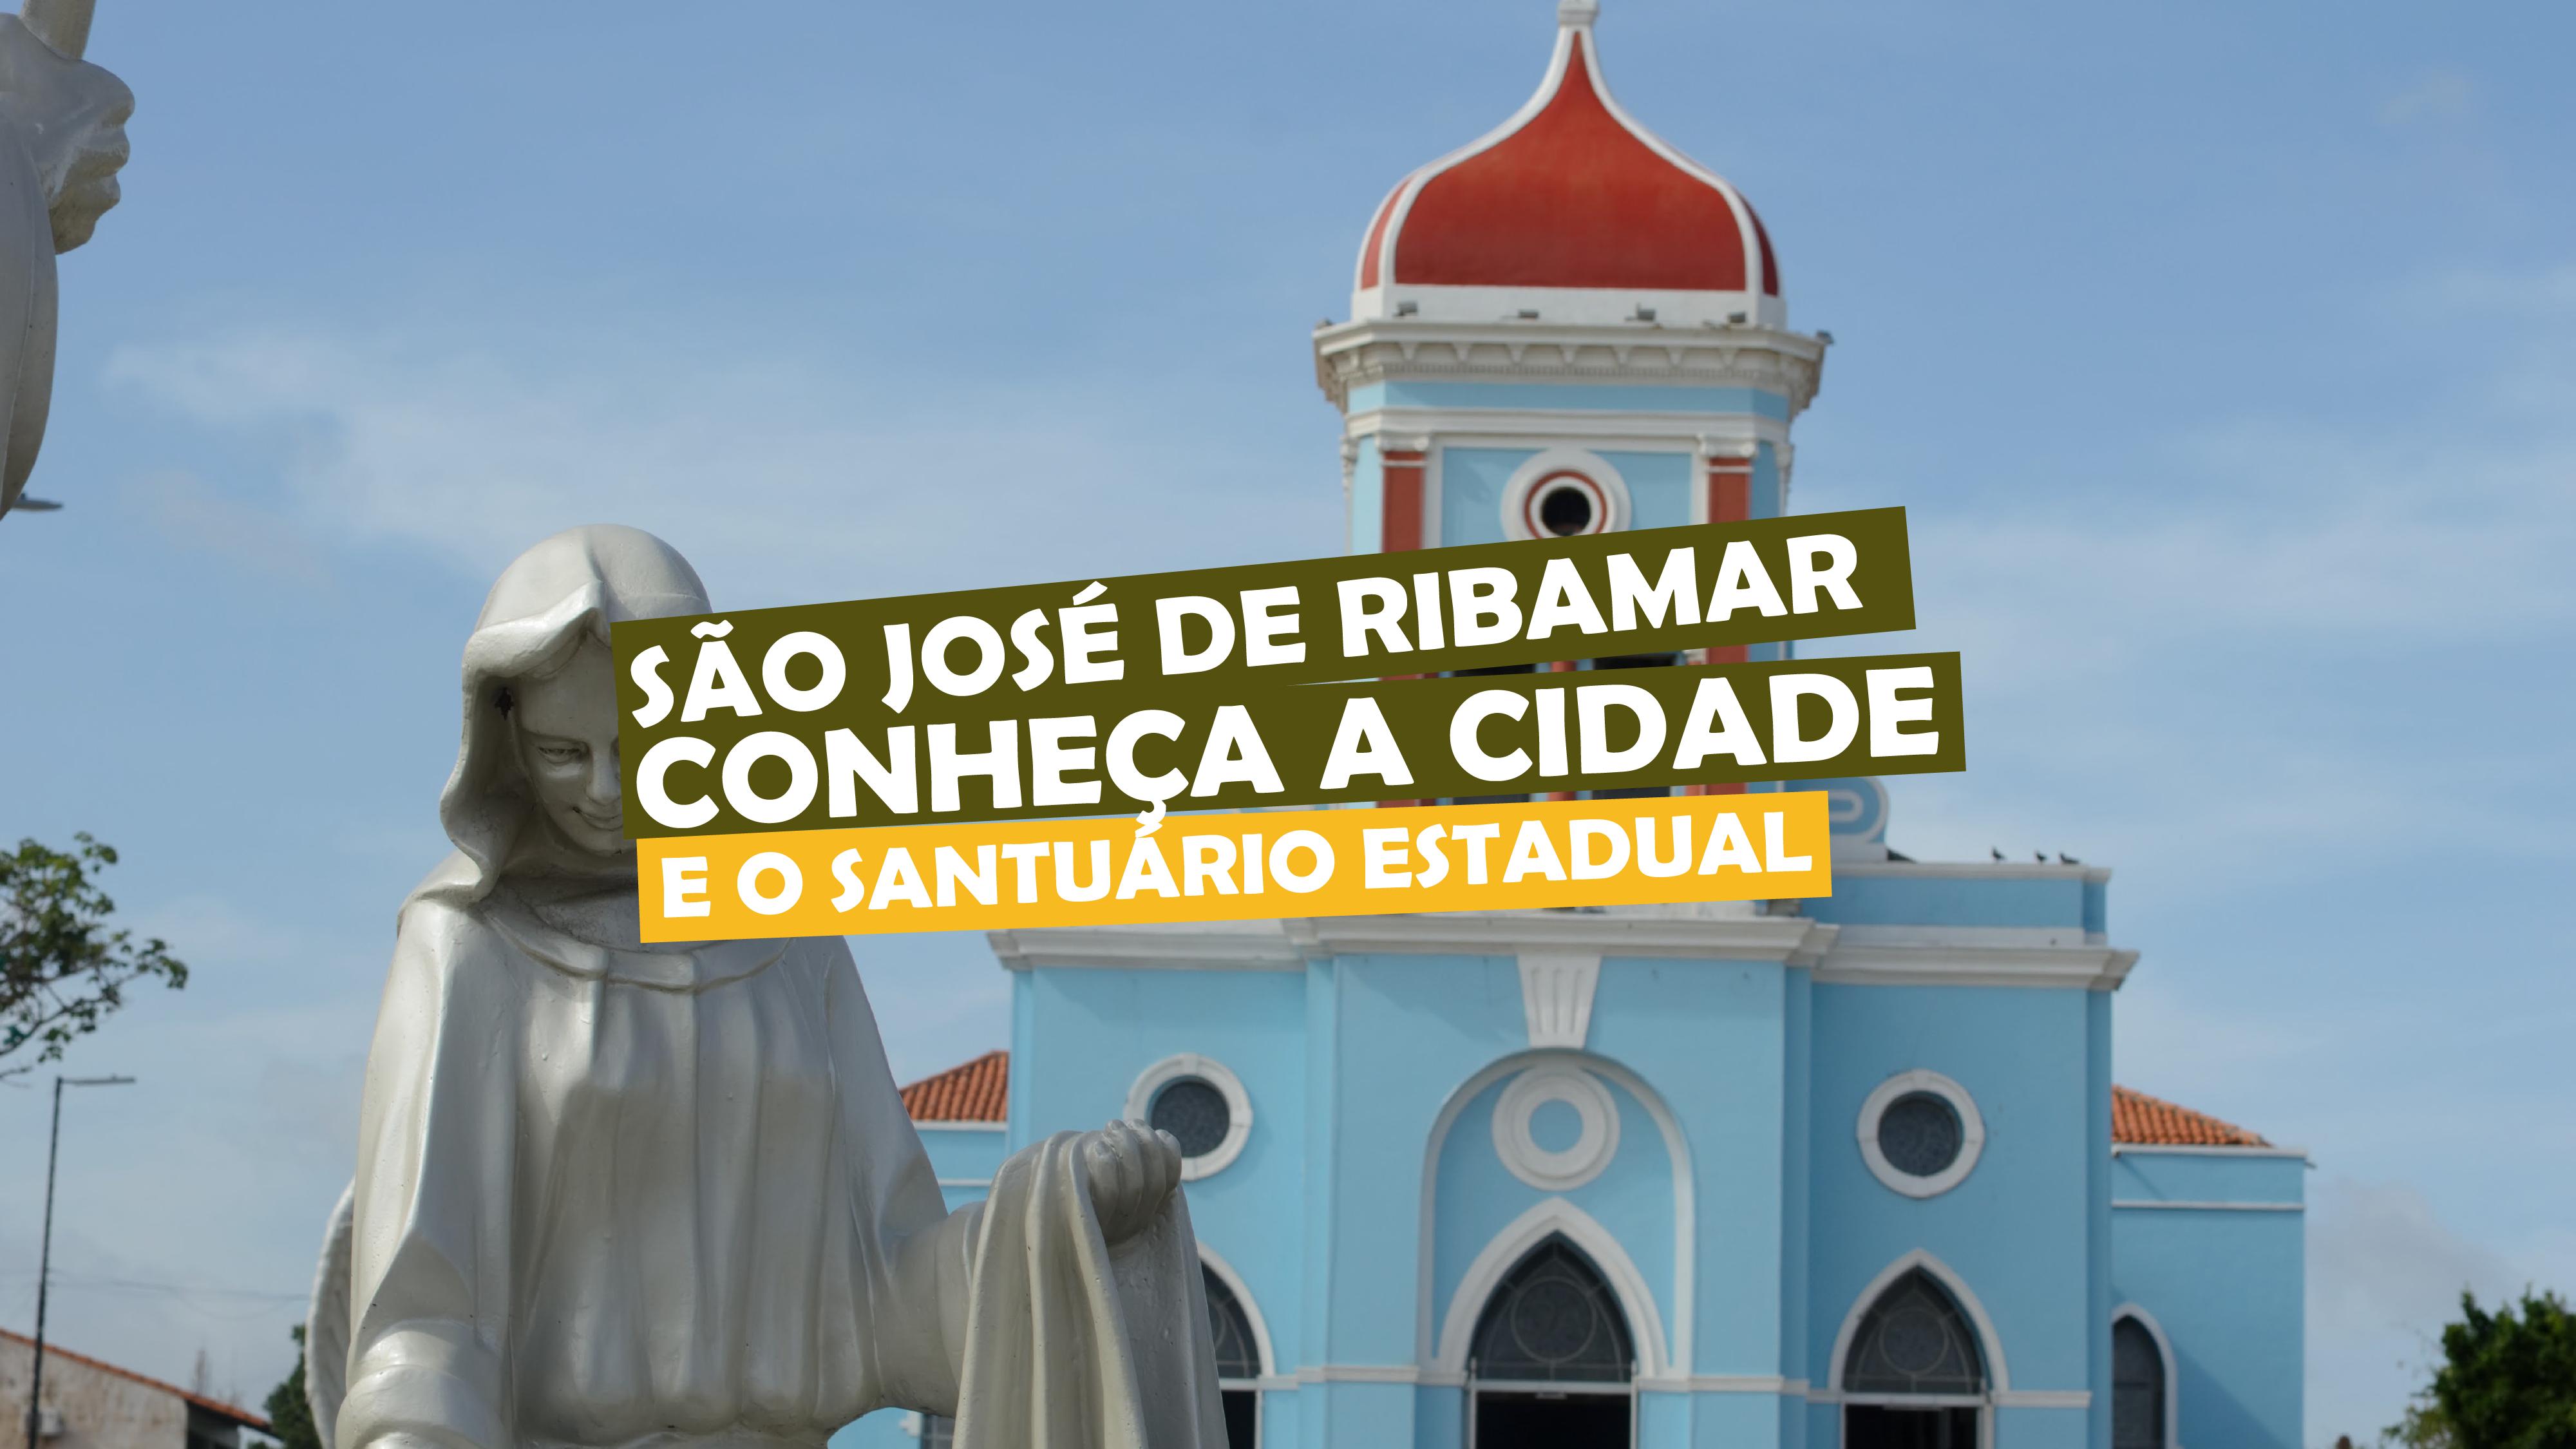 You are currently viewing São José de Ribamar – conheça a cidade e o santuário estadual